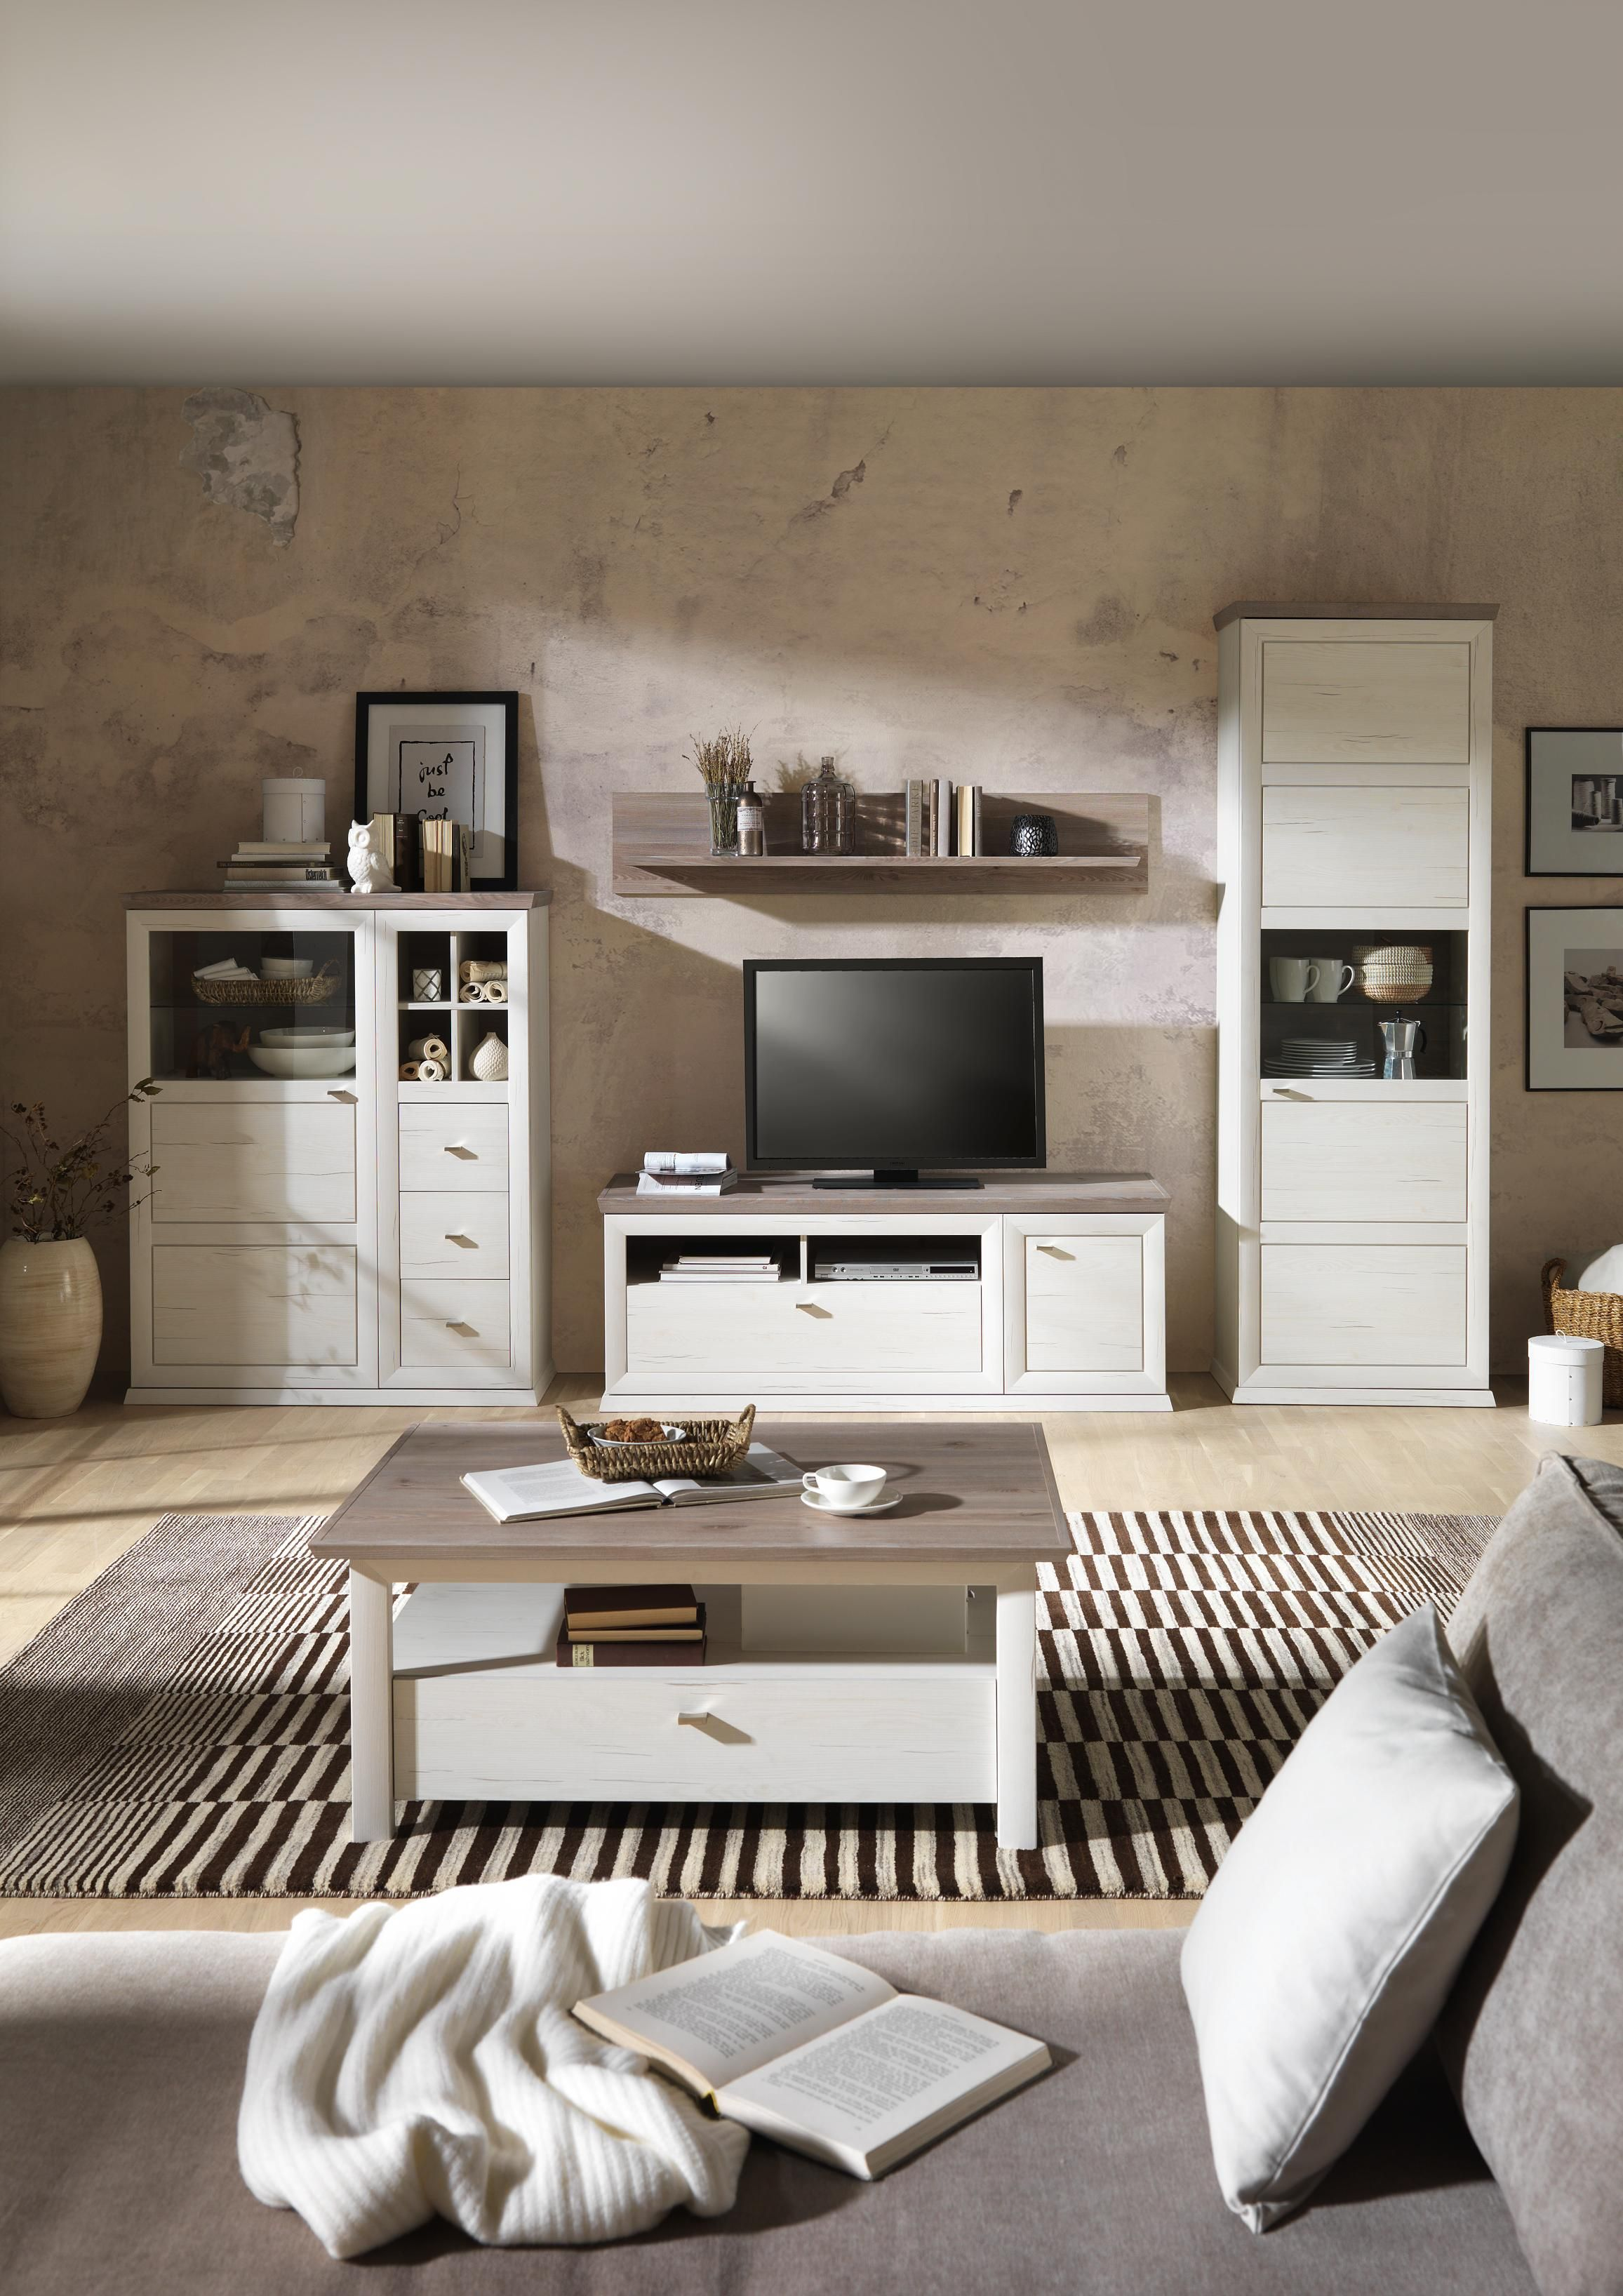 Ansprechend Schöne Wohnwände Dekoration Von Wohnwand Im Charmanten Stil